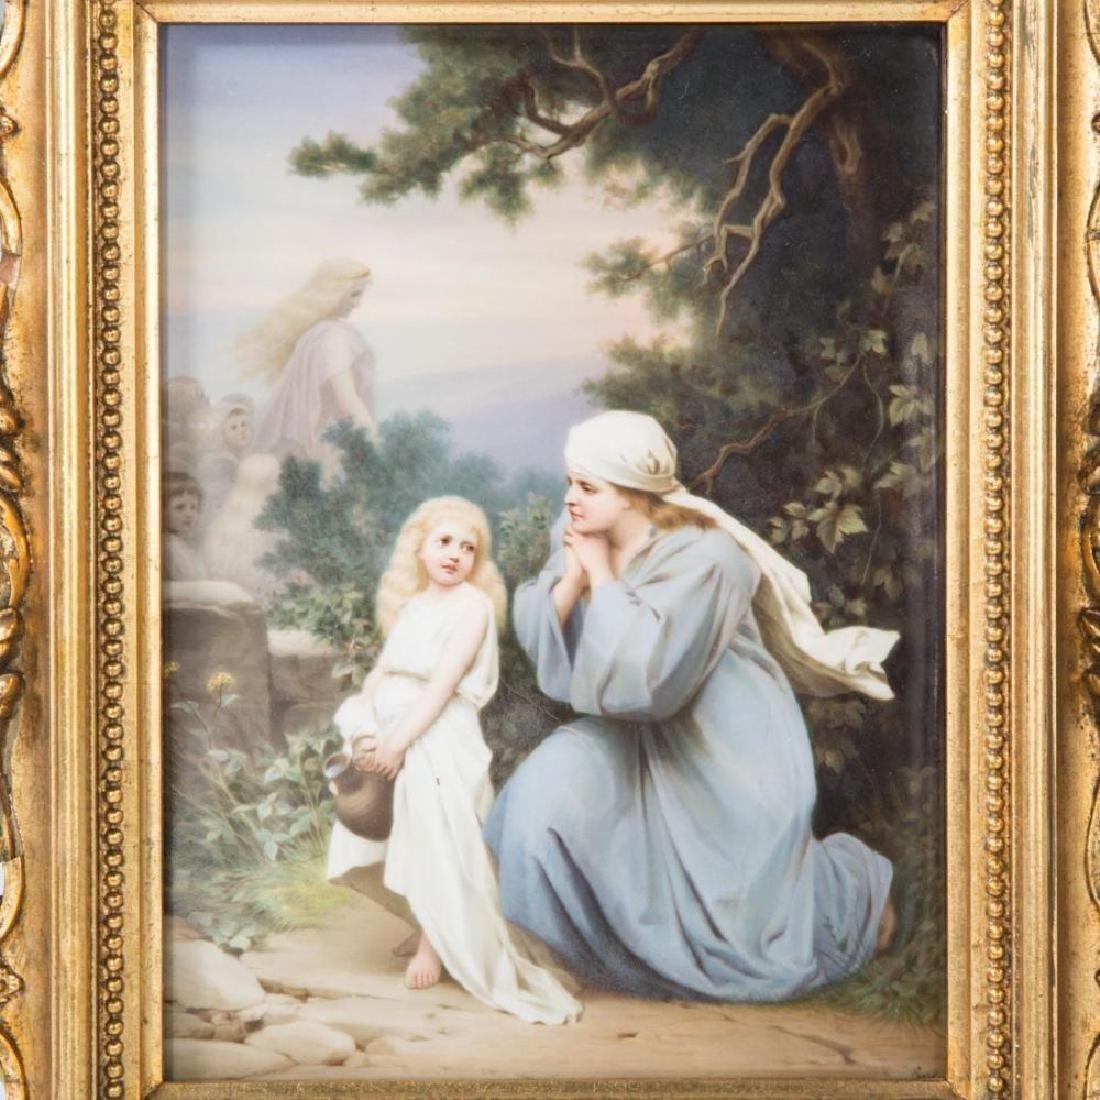 19Th Century Kpm Porcelain Plaque - 2